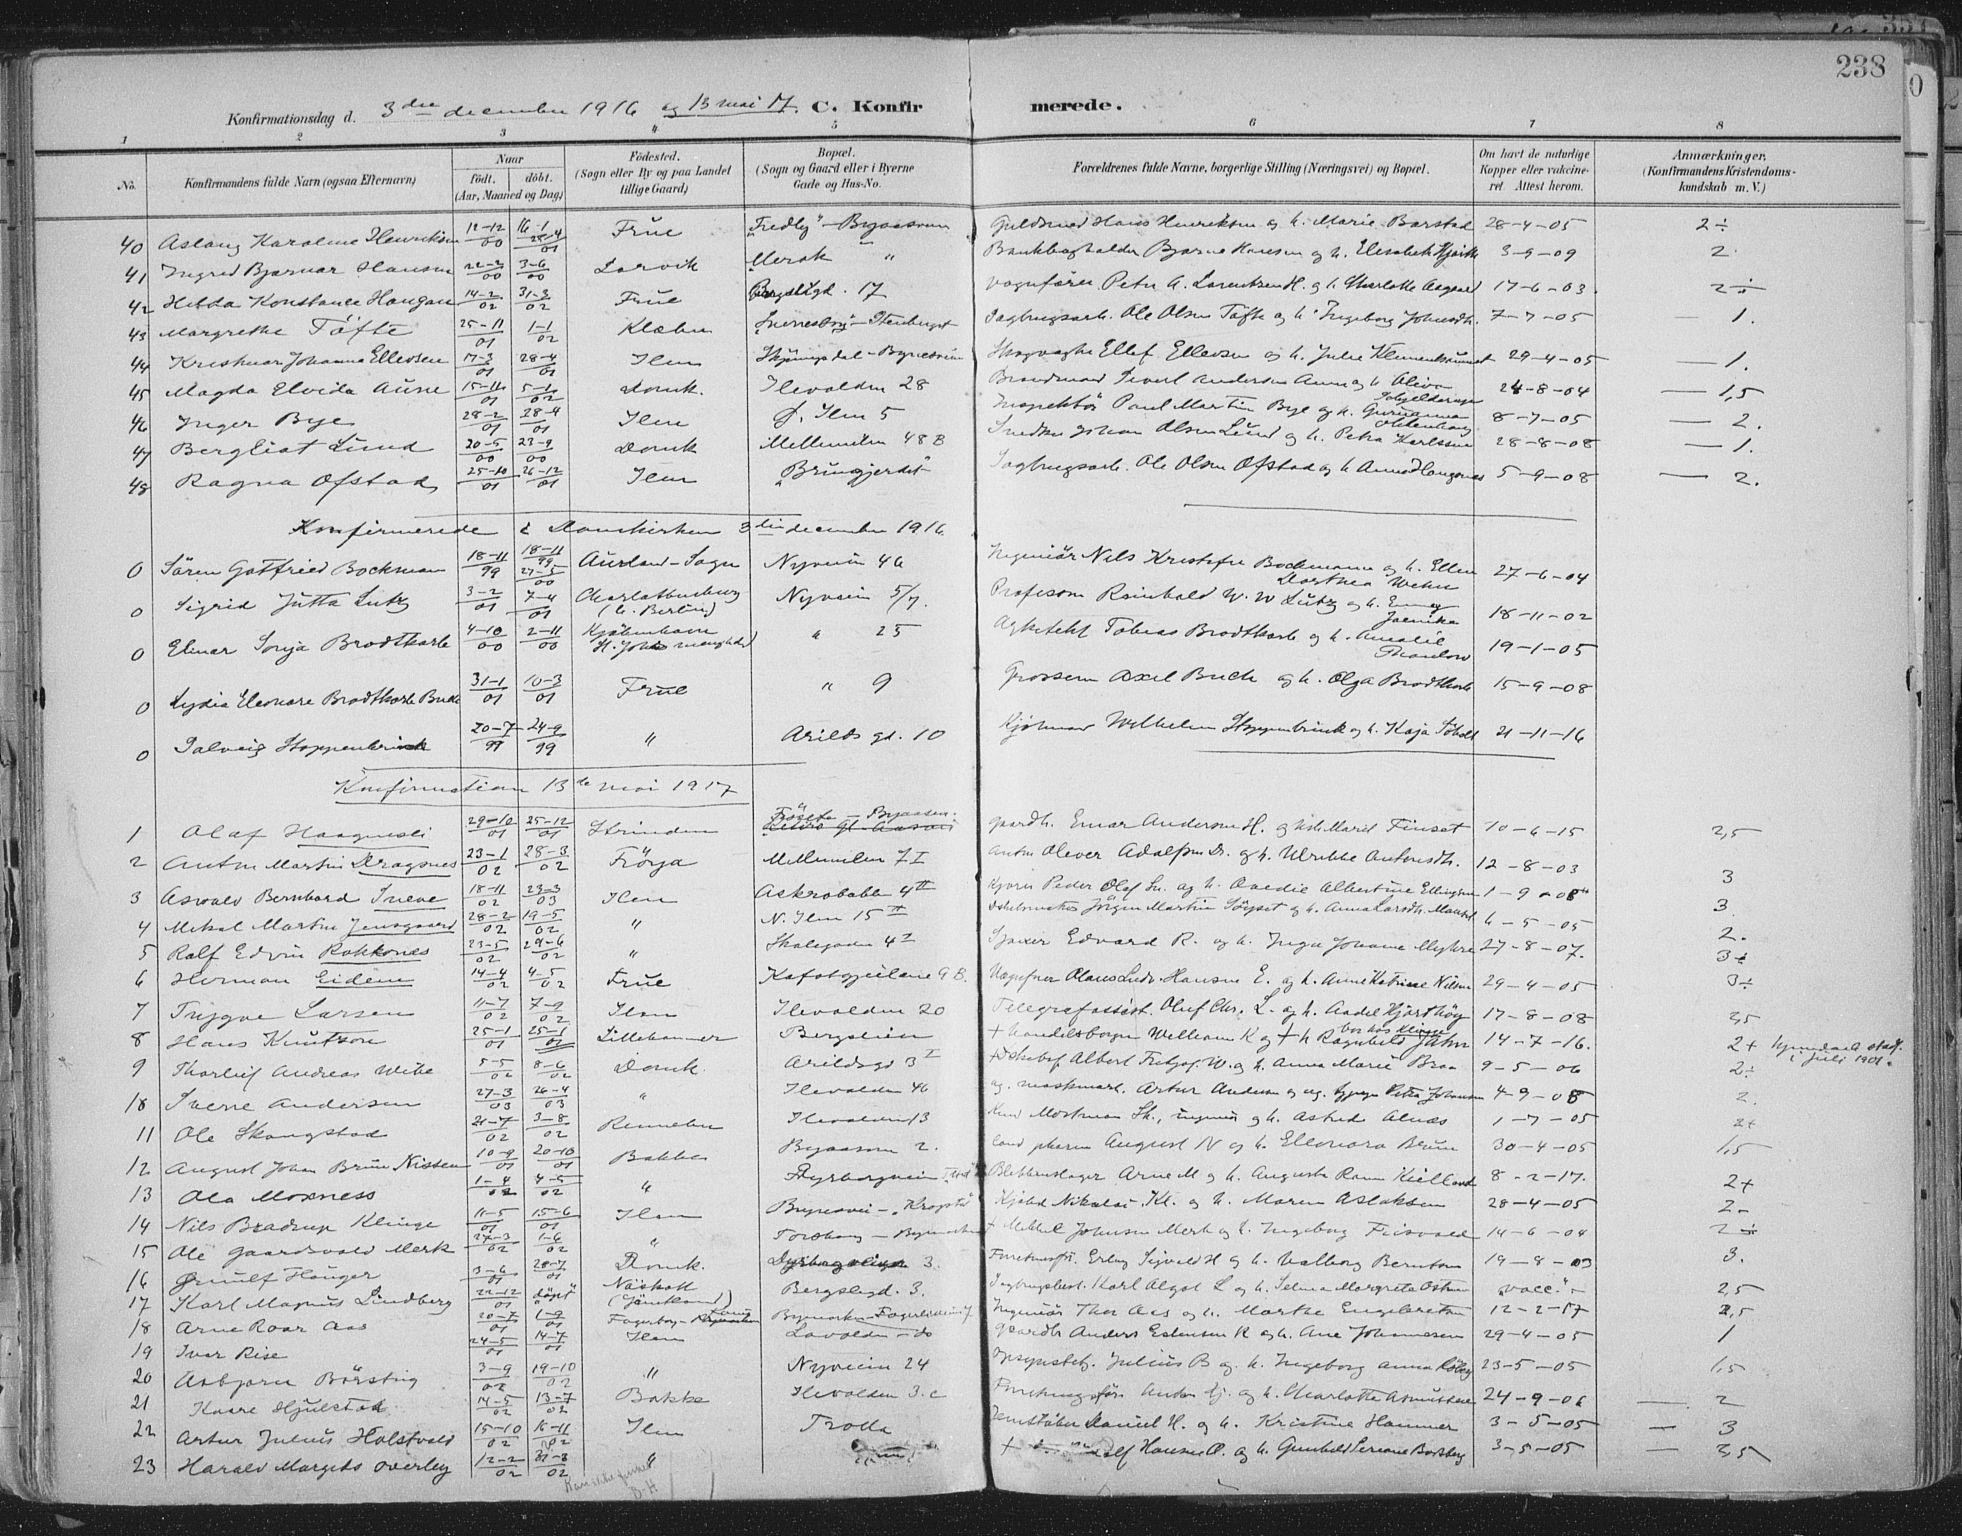 SAT, Ministerialprotokoller, klokkerbøker og fødselsregistre - Sør-Trøndelag, 603/L0167: Ministerialbok nr. 603A06, 1896-1932, s. 238